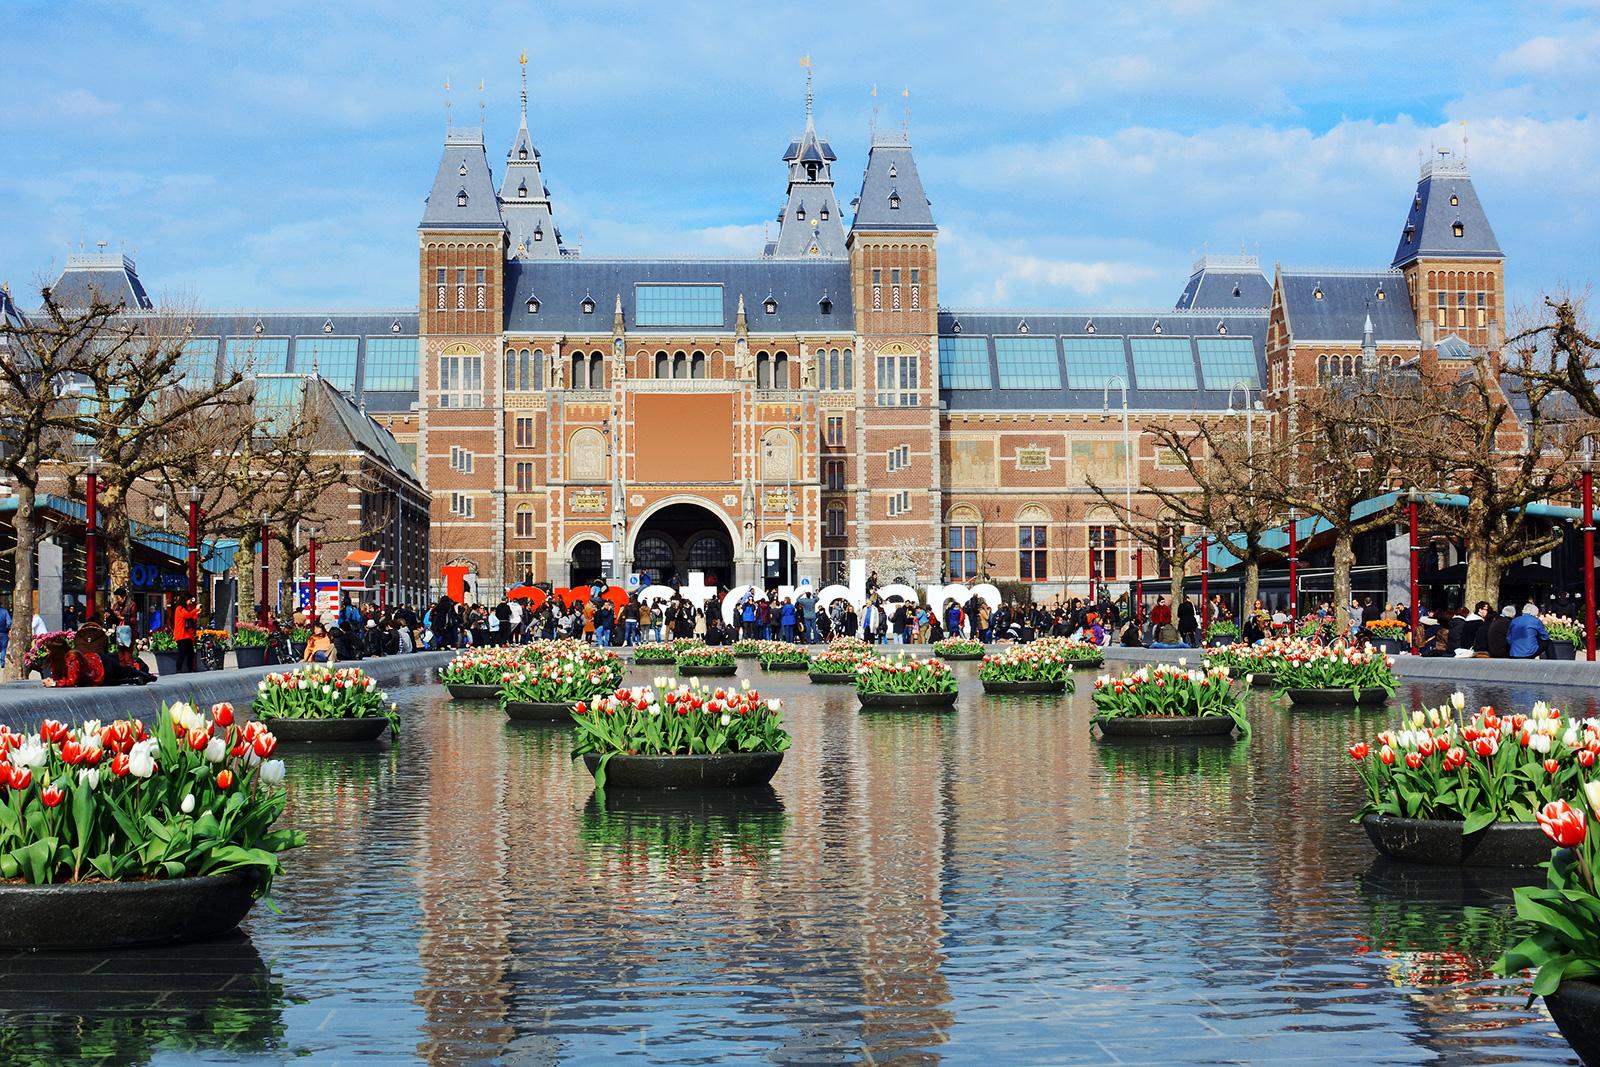 Schwimmender Blumenmarkt in Amsterdam